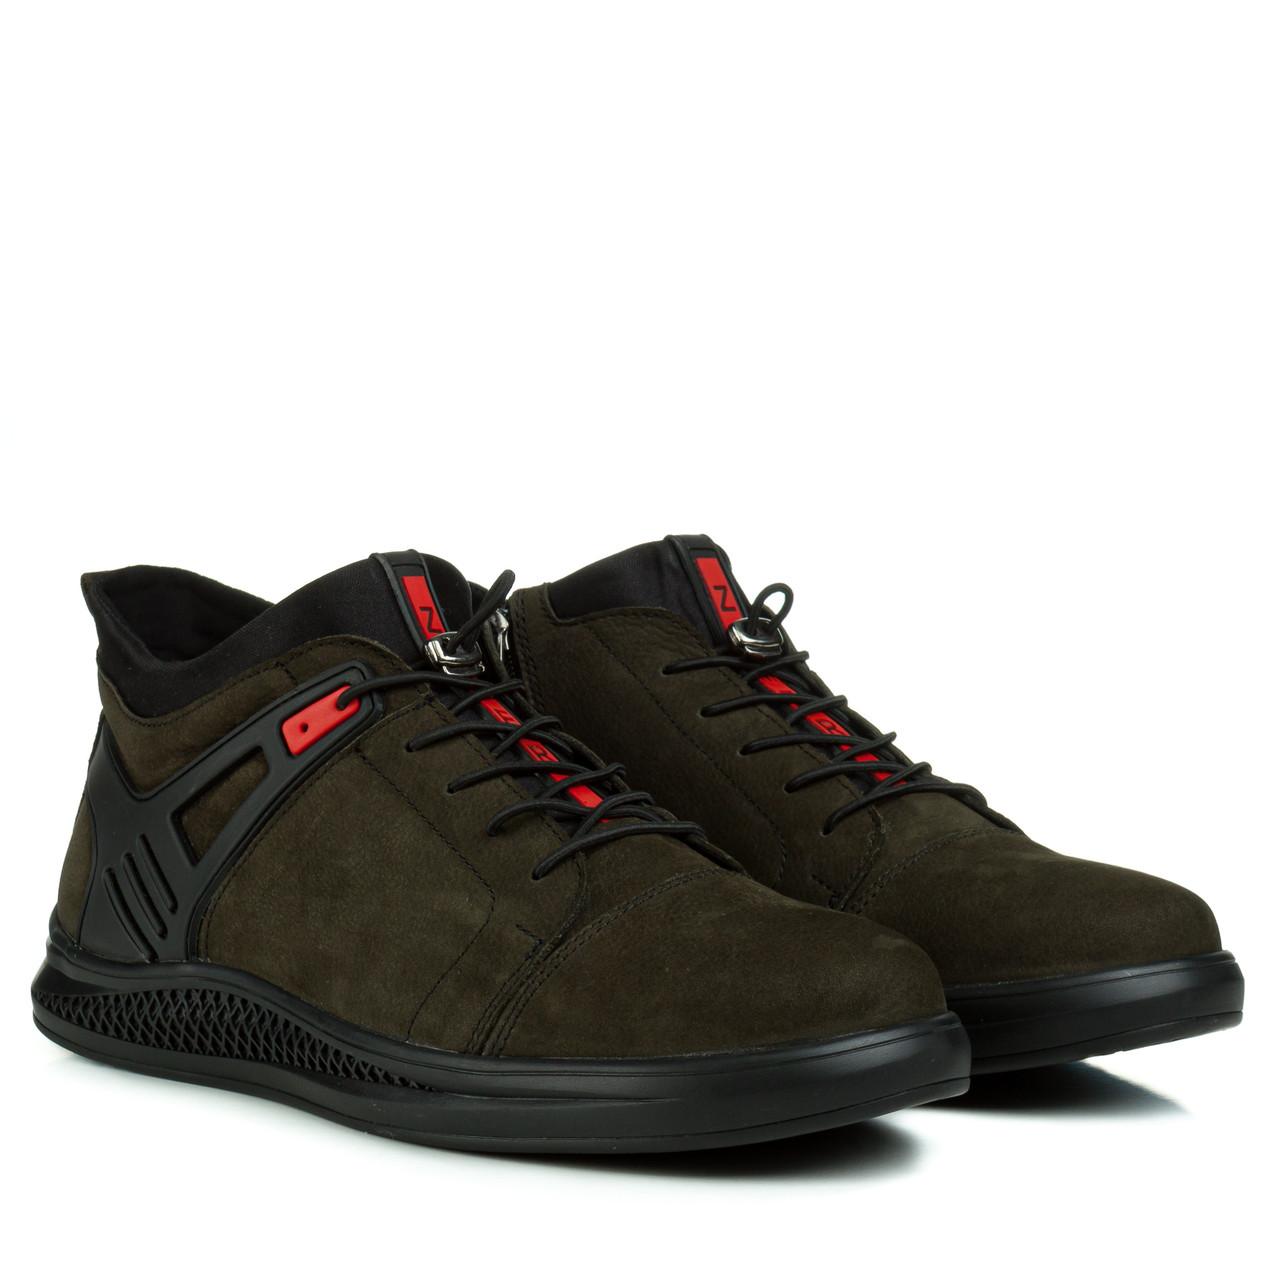 Ботинки мужские ZUMMER (стильные, удобные, актуальный оттенок)